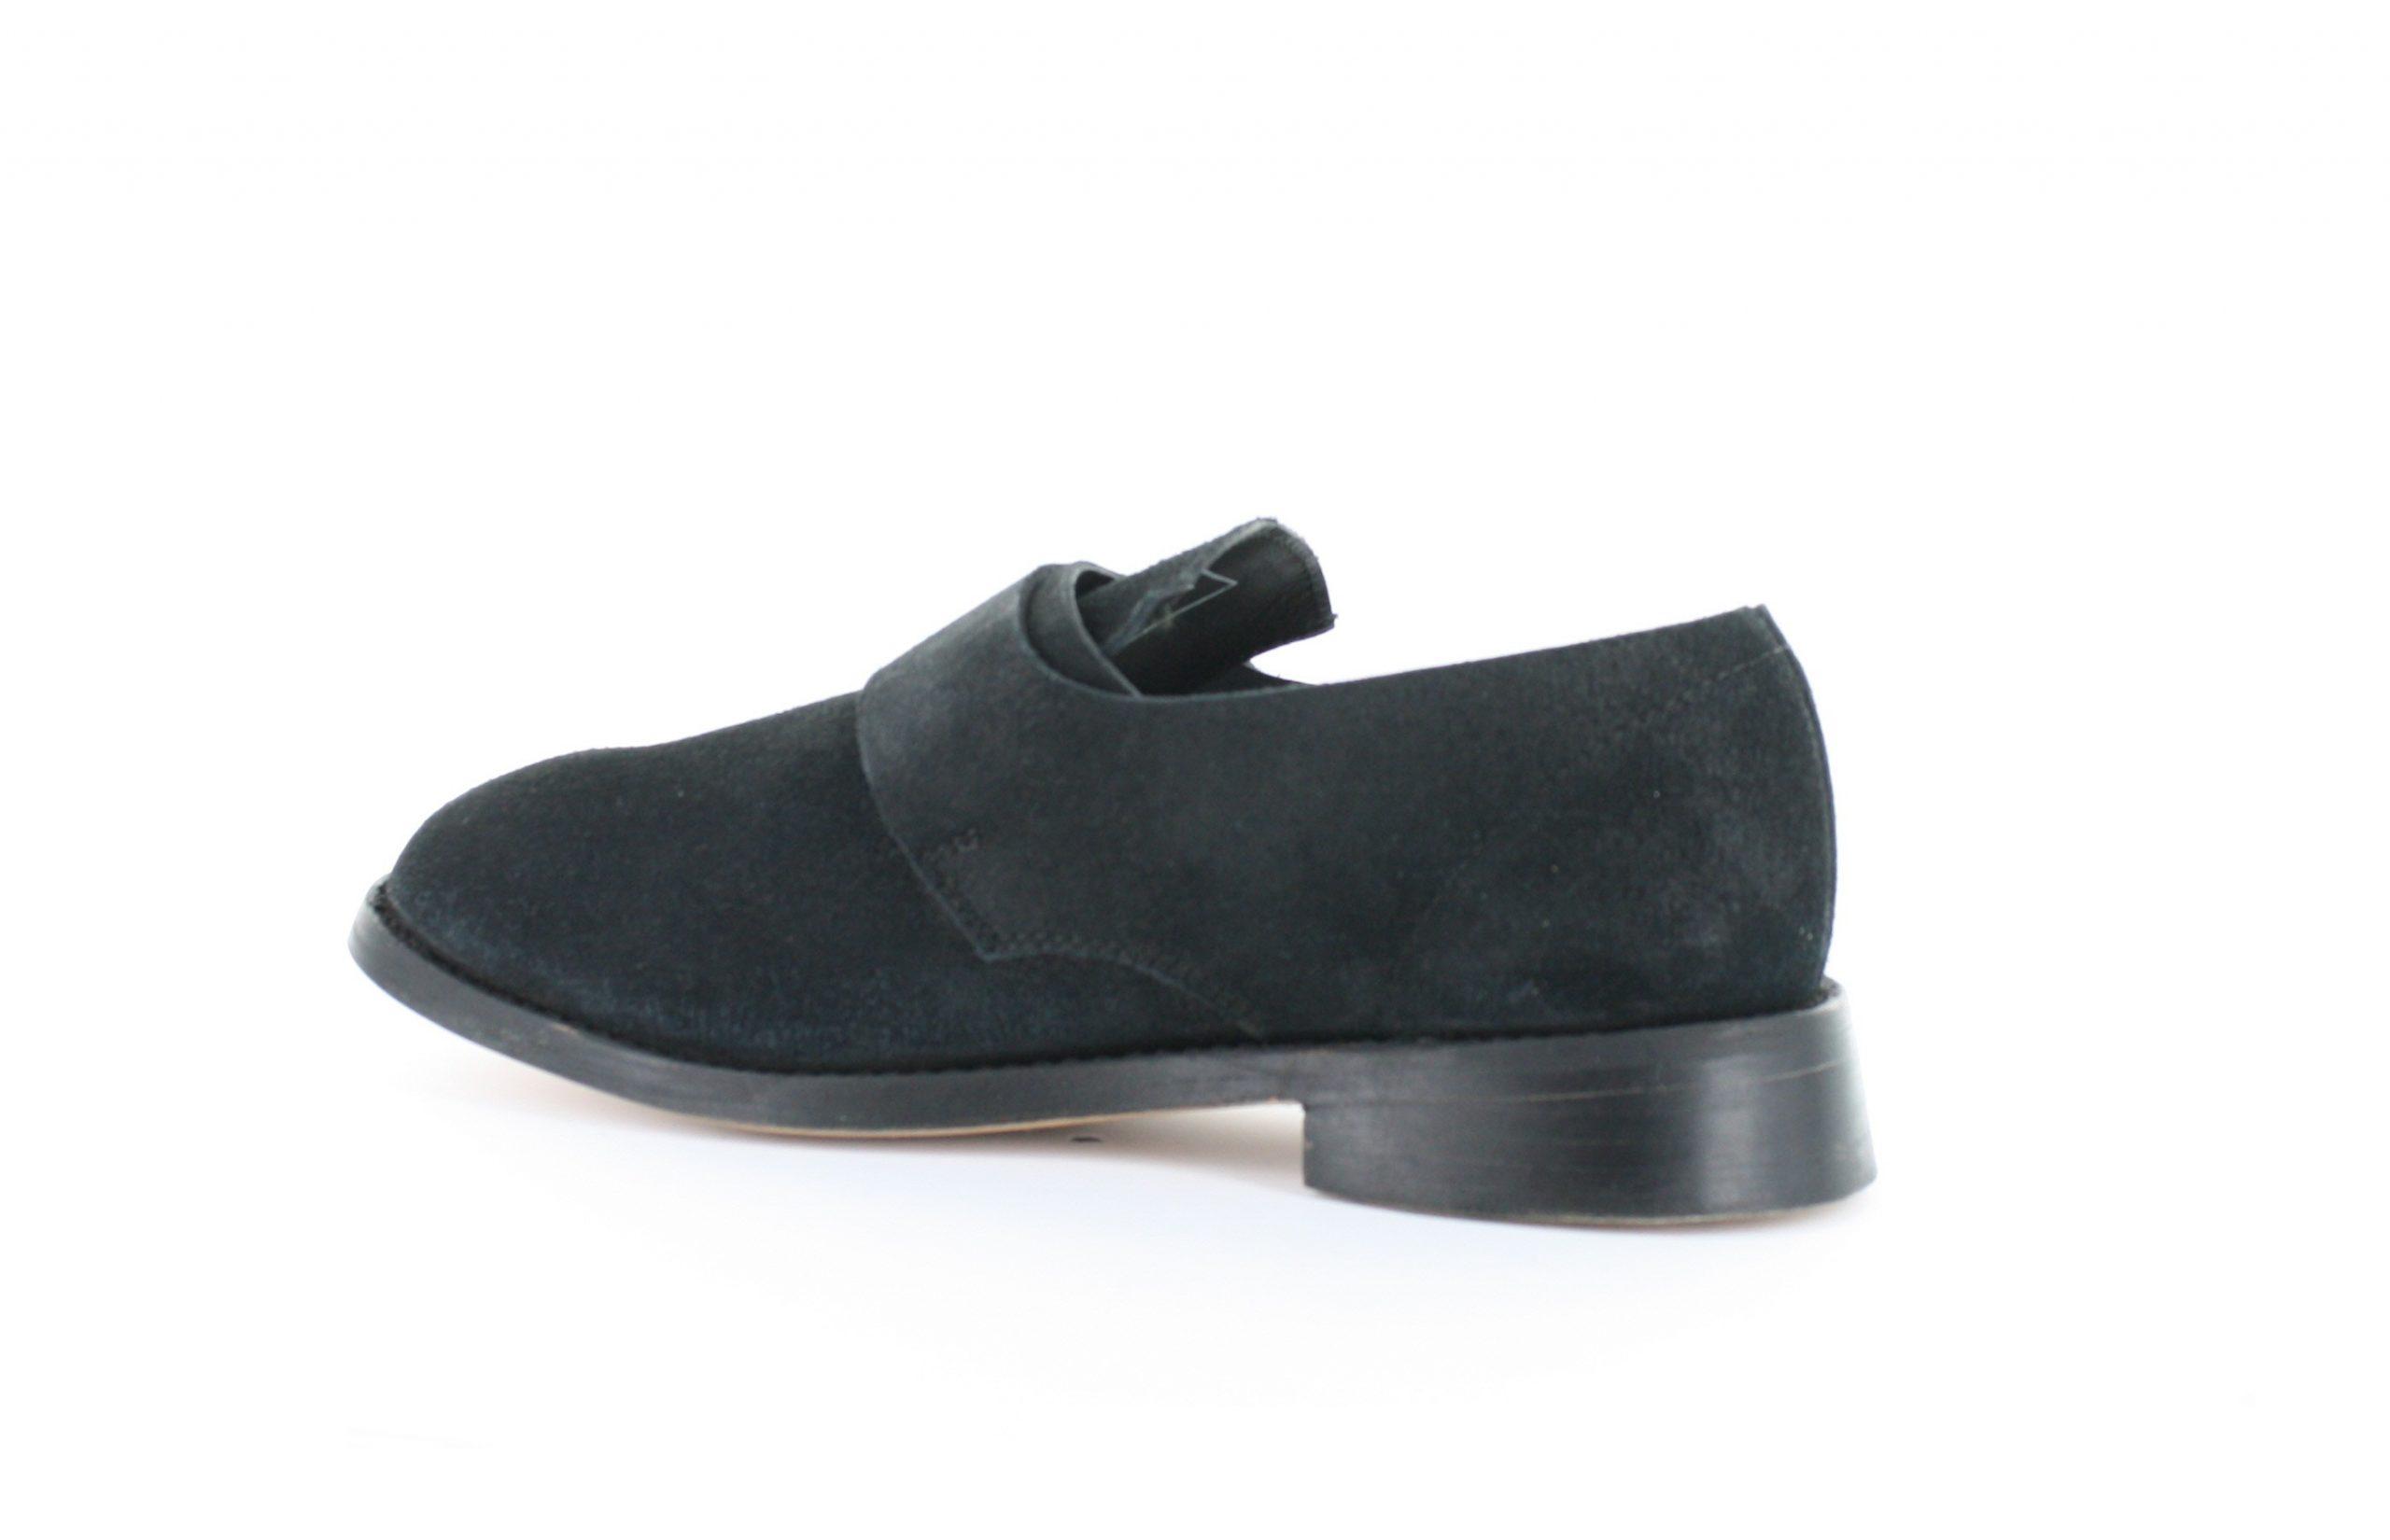 Fugawee's Barbra shoe